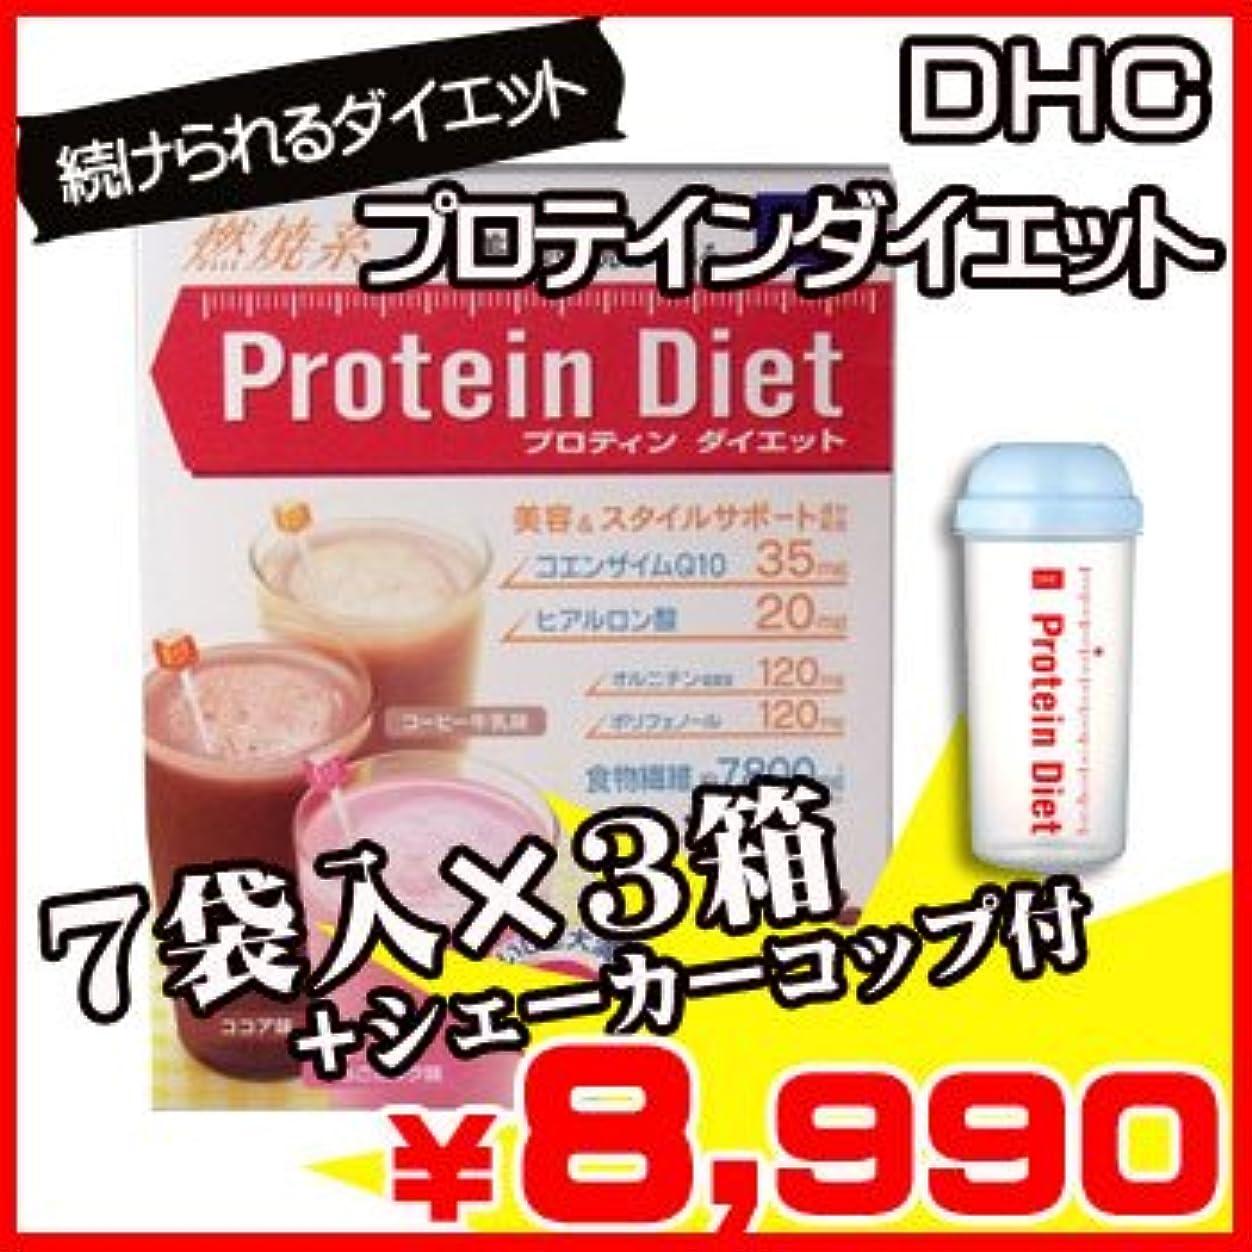 引き渡すポータブル豚肉DHC プロティンダイエット 7袋入×3箱 シェーカー コップ付セット(プロティンダイエット開始セット)